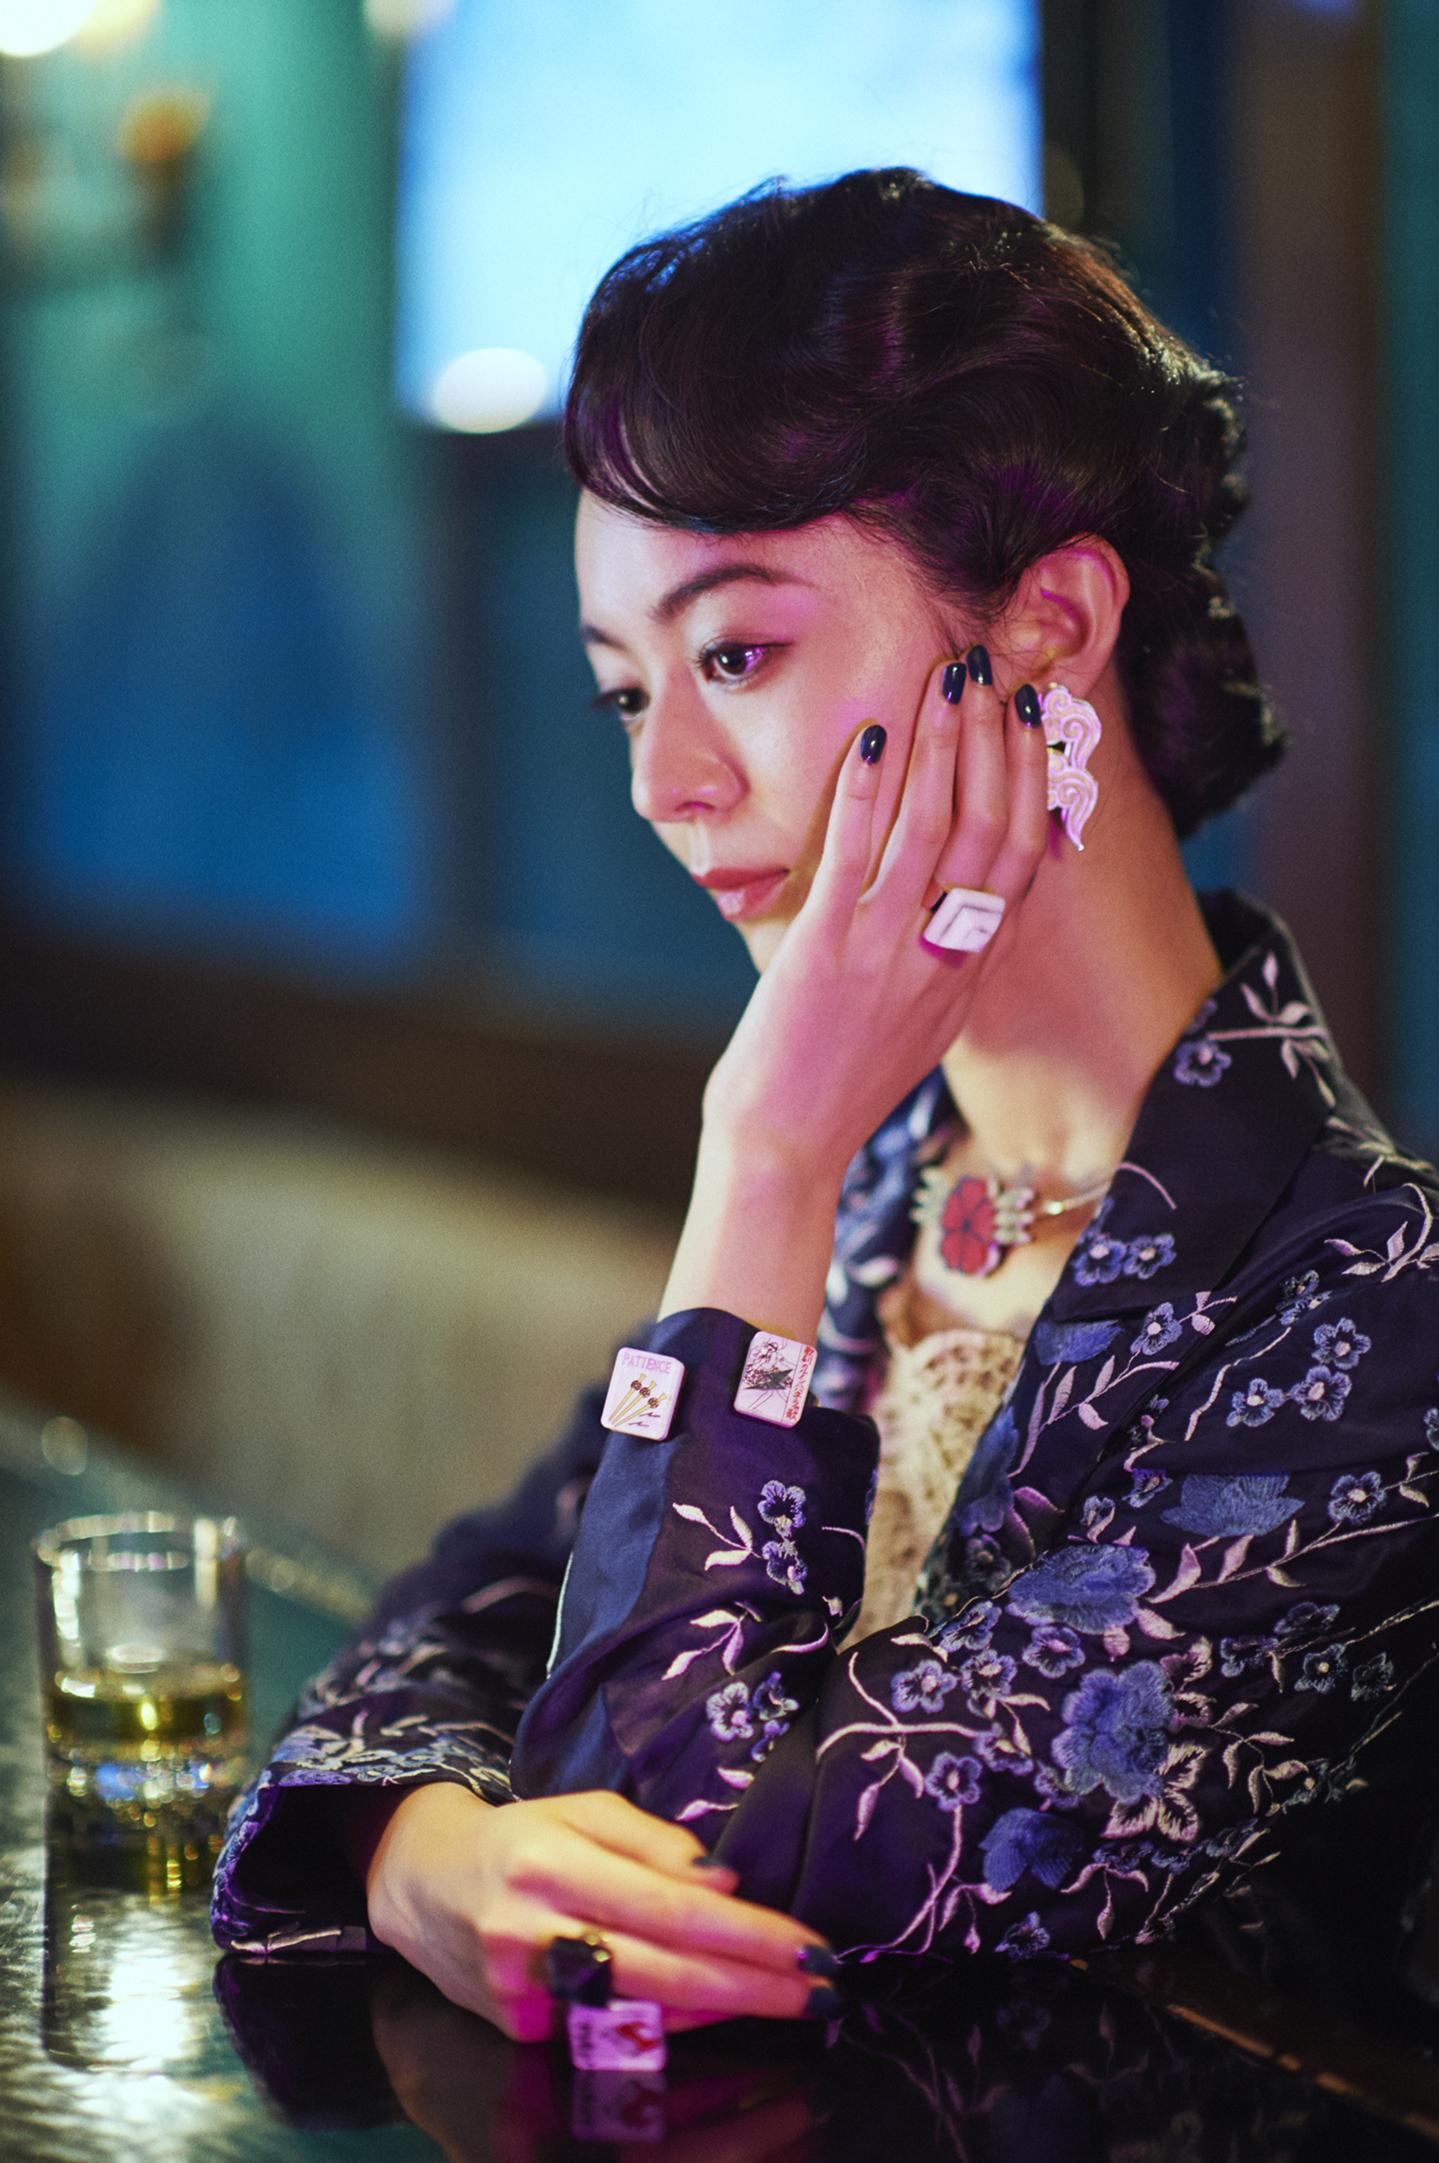 コーデのワンポイントに。アクセサリーブランドHigh-Me TOKYOの新作コレクションに注目